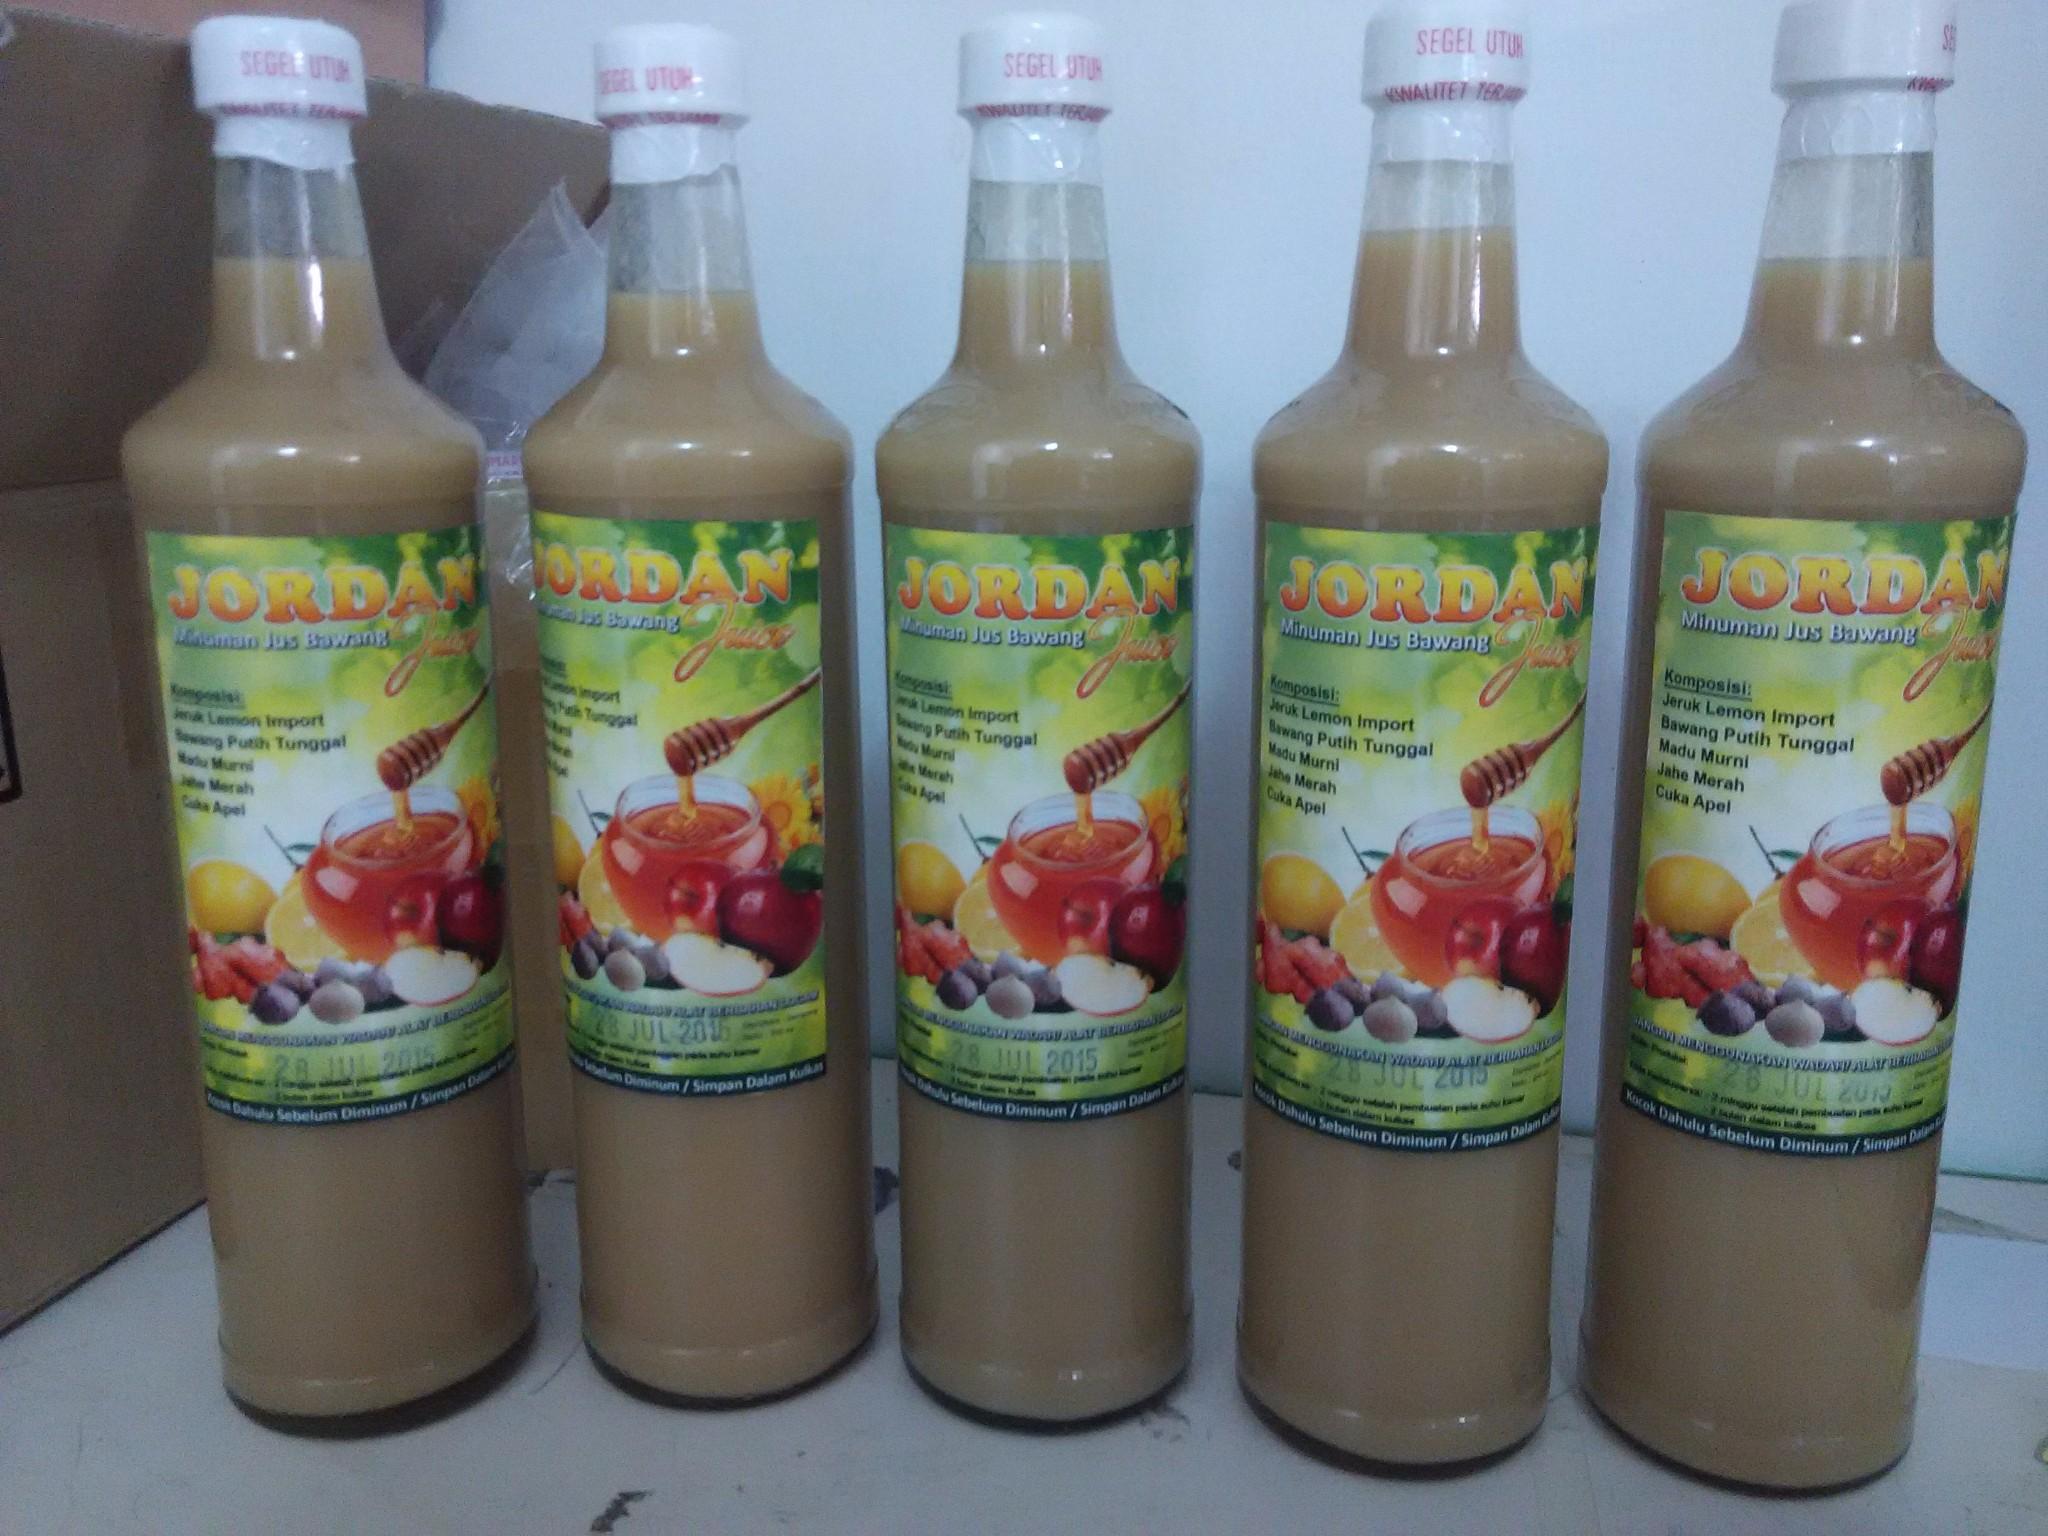 Manfaat Jahe Bawang Putih Madu Cuka Apel Herbal Tunggal Merah Lemon 625 Ml Jual Jus Harga Sari Import